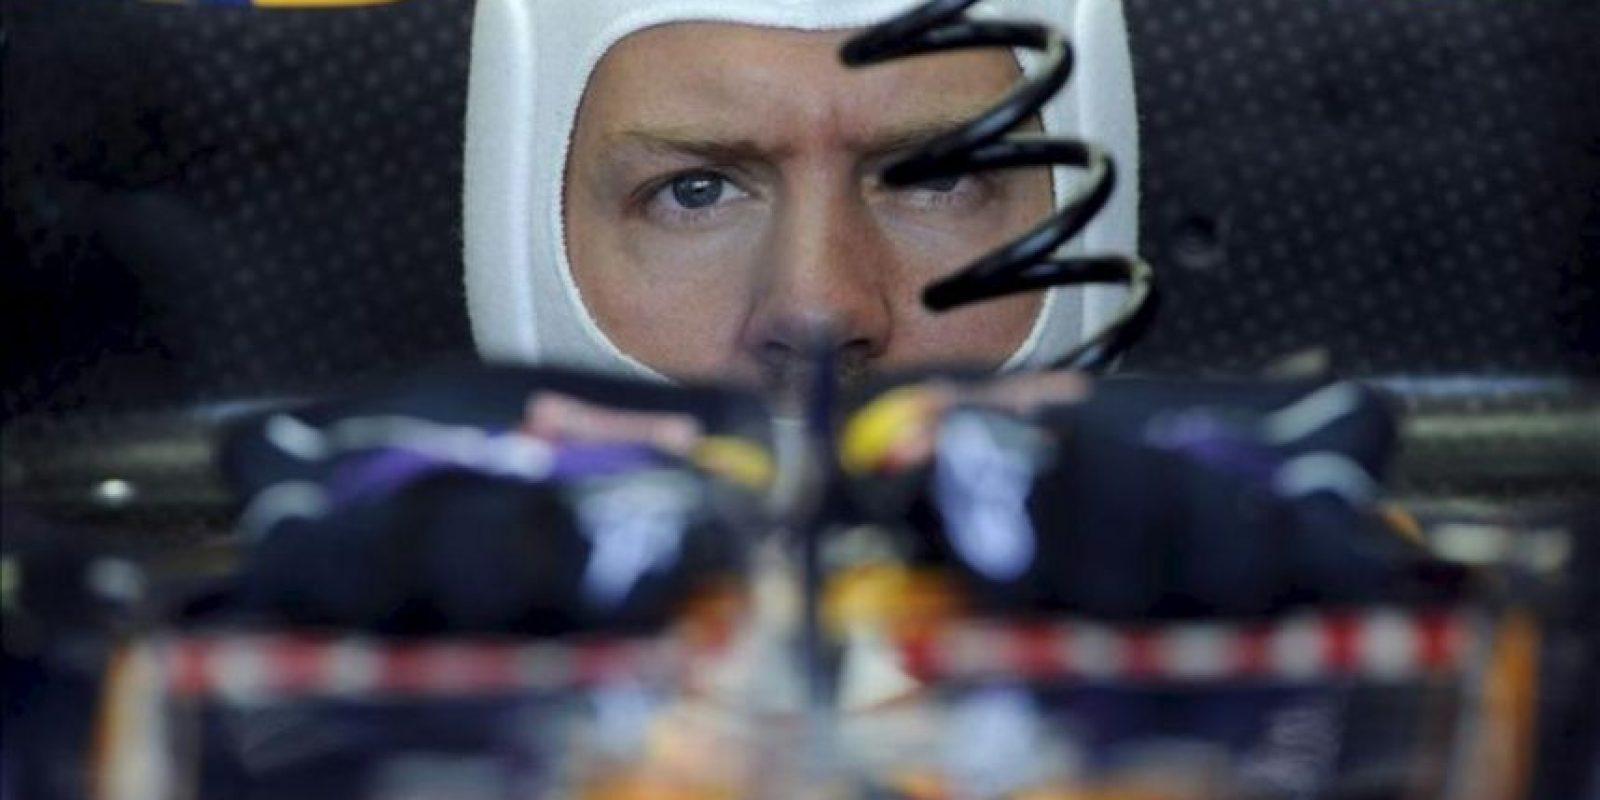 El piloto alemán de la escudería Red Bull Sebastian Vettel asiste a la primera sesión de entrenamiento libre para el Gran Premio de Hungría. EFE